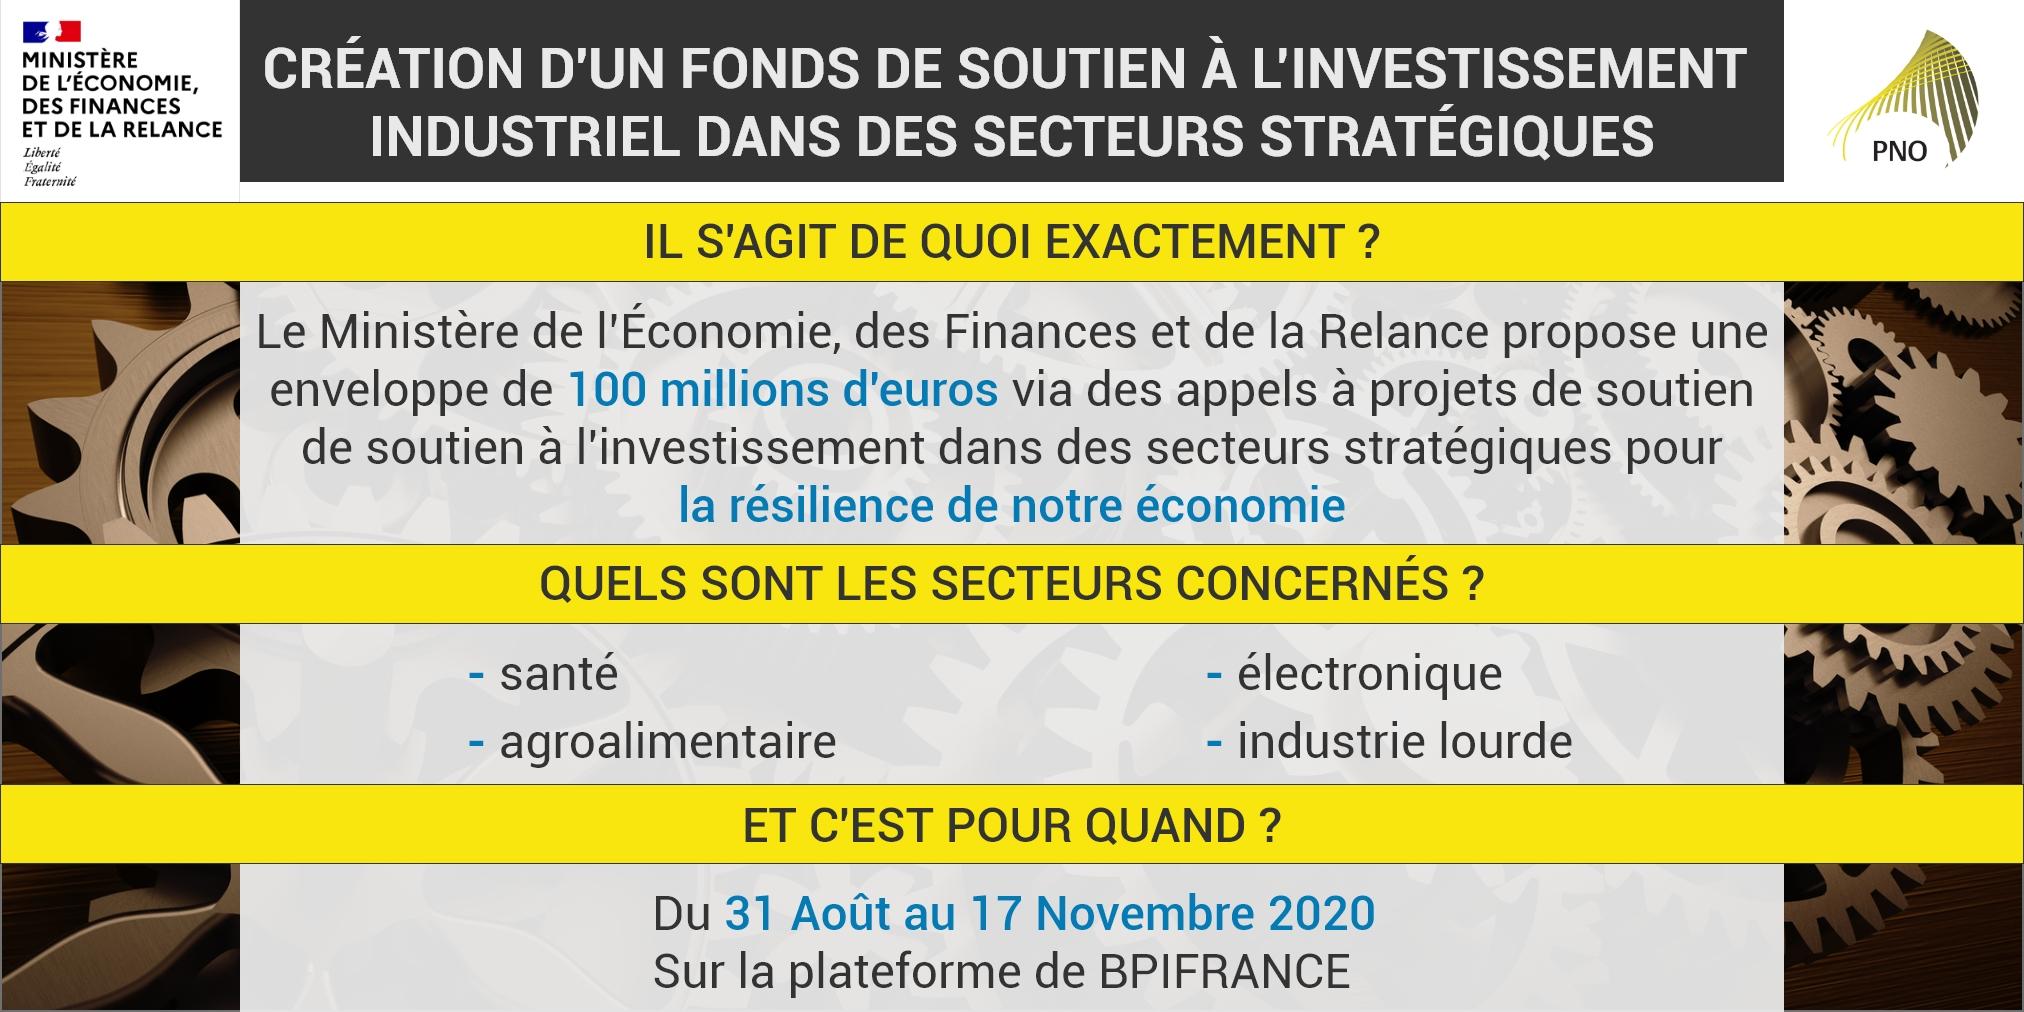 Création d'un fonds de soutien à l'investissement industriel